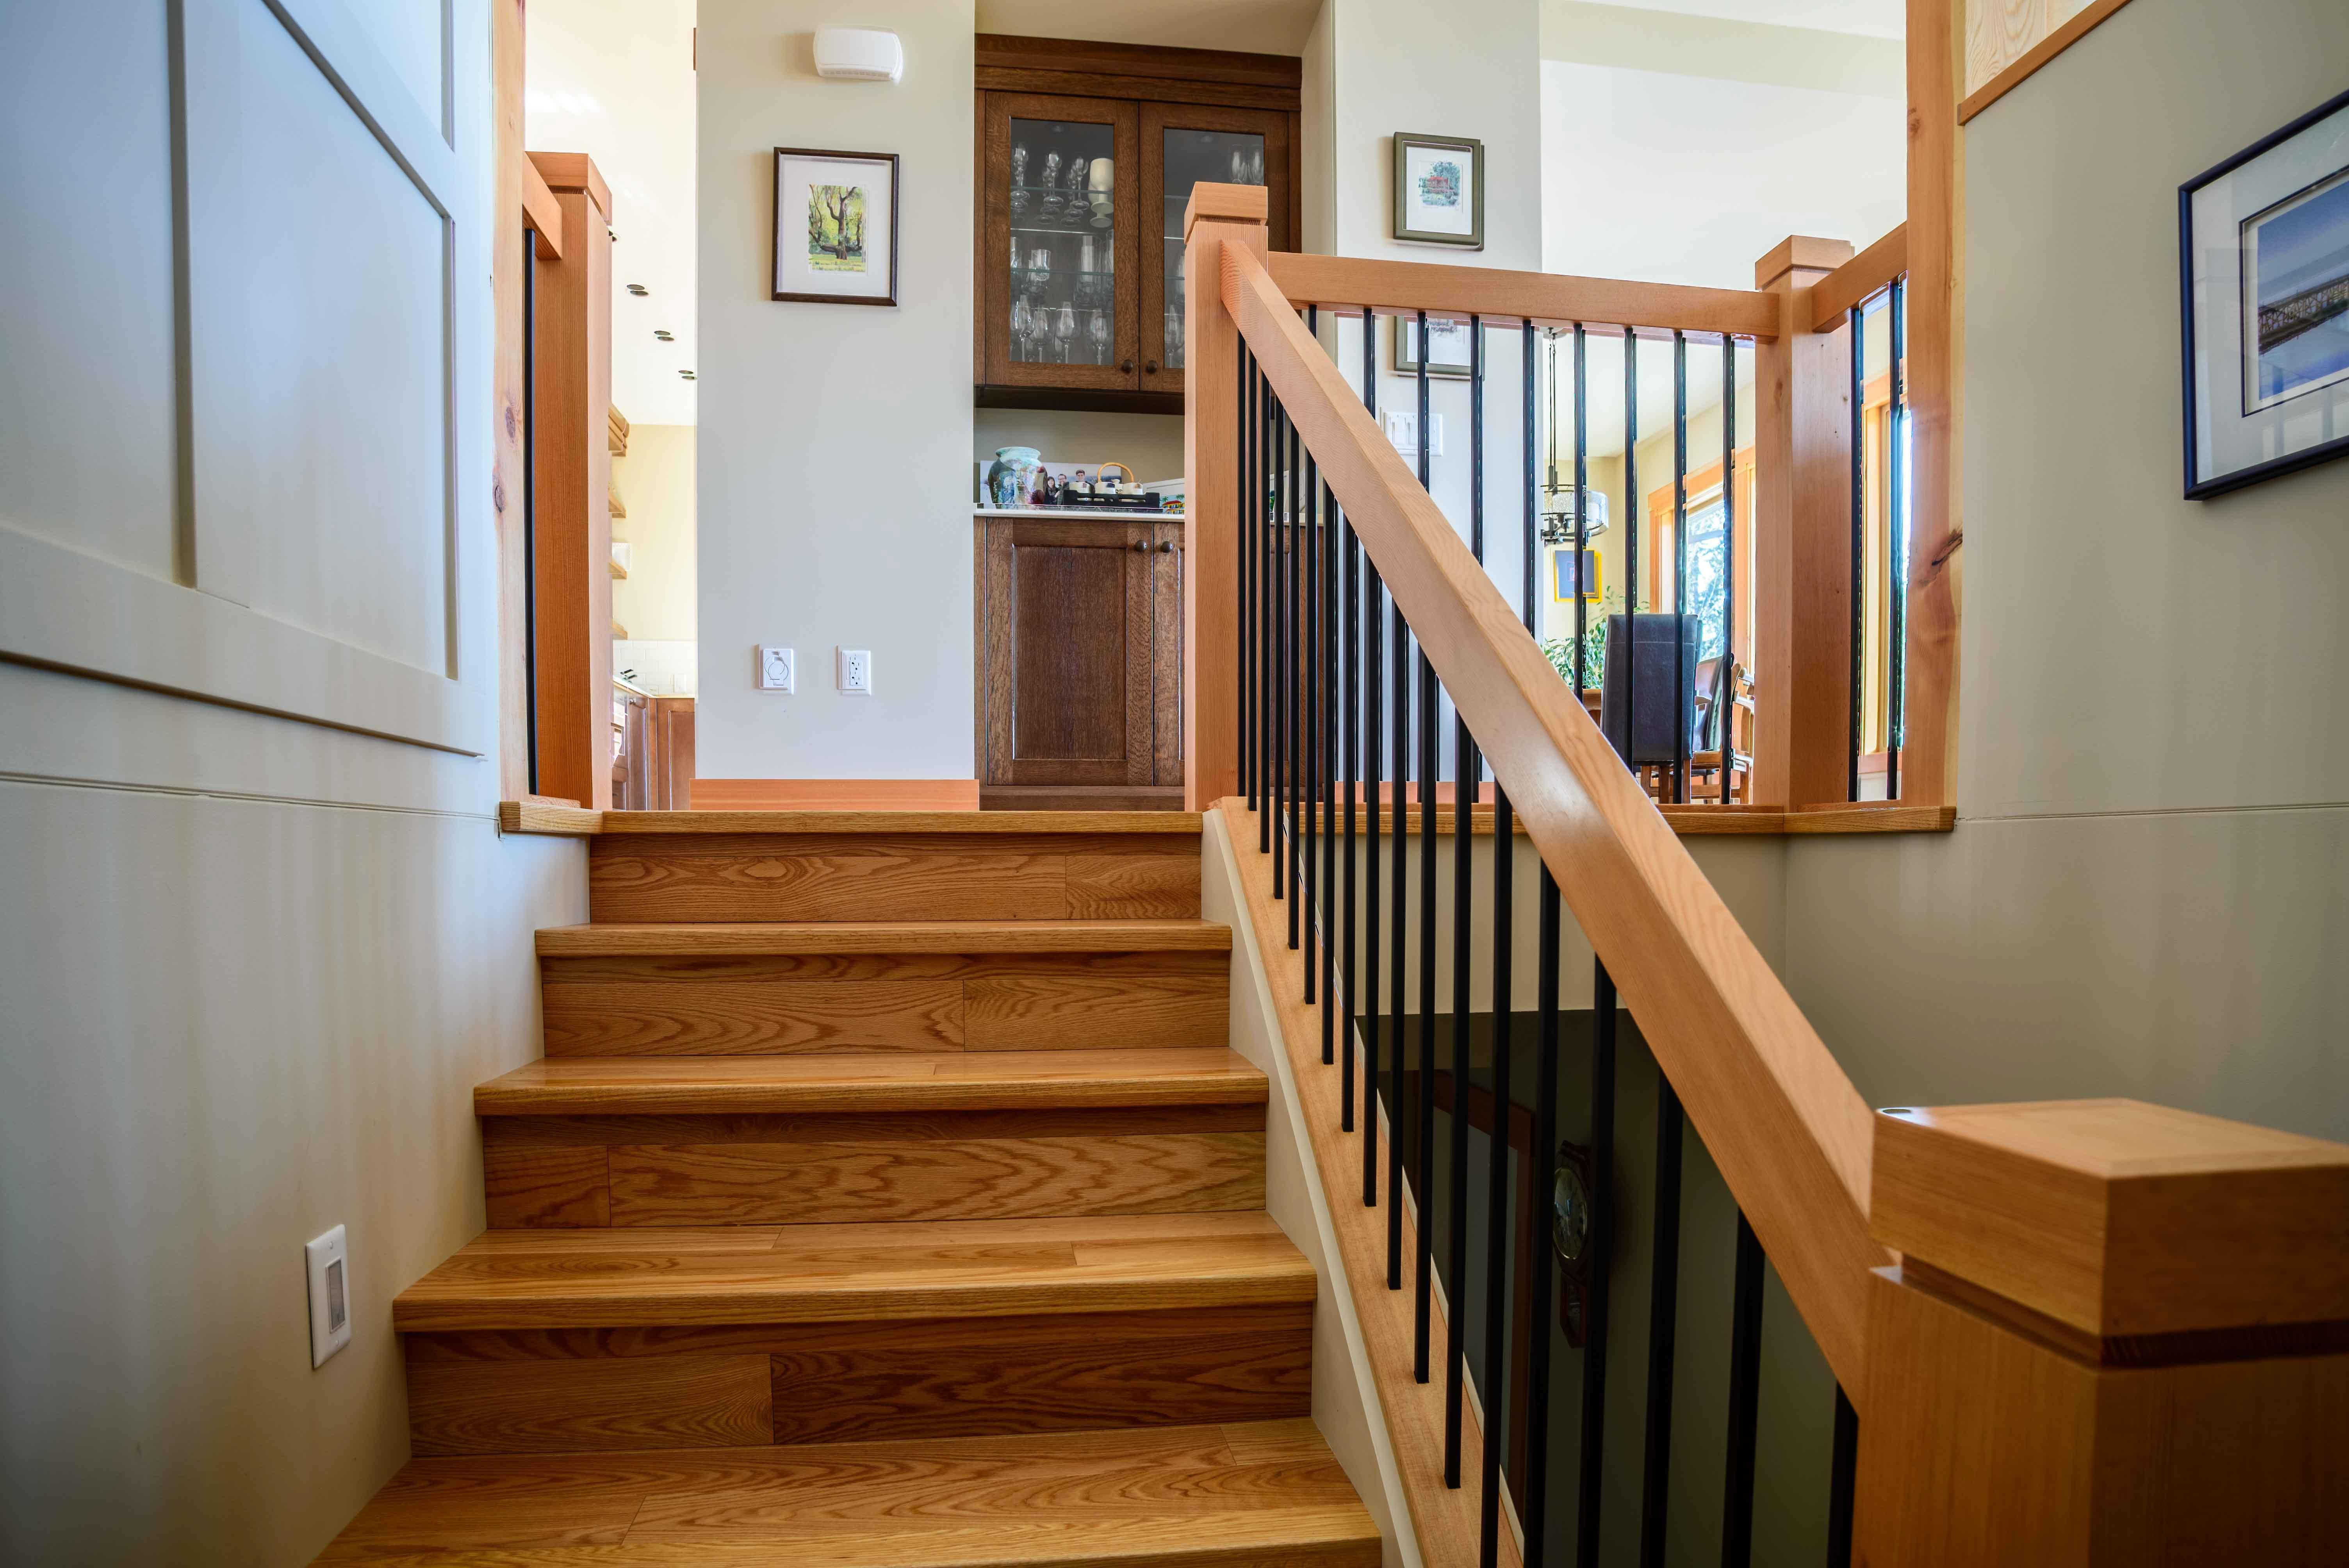 Shuswap Contemporary handrailings